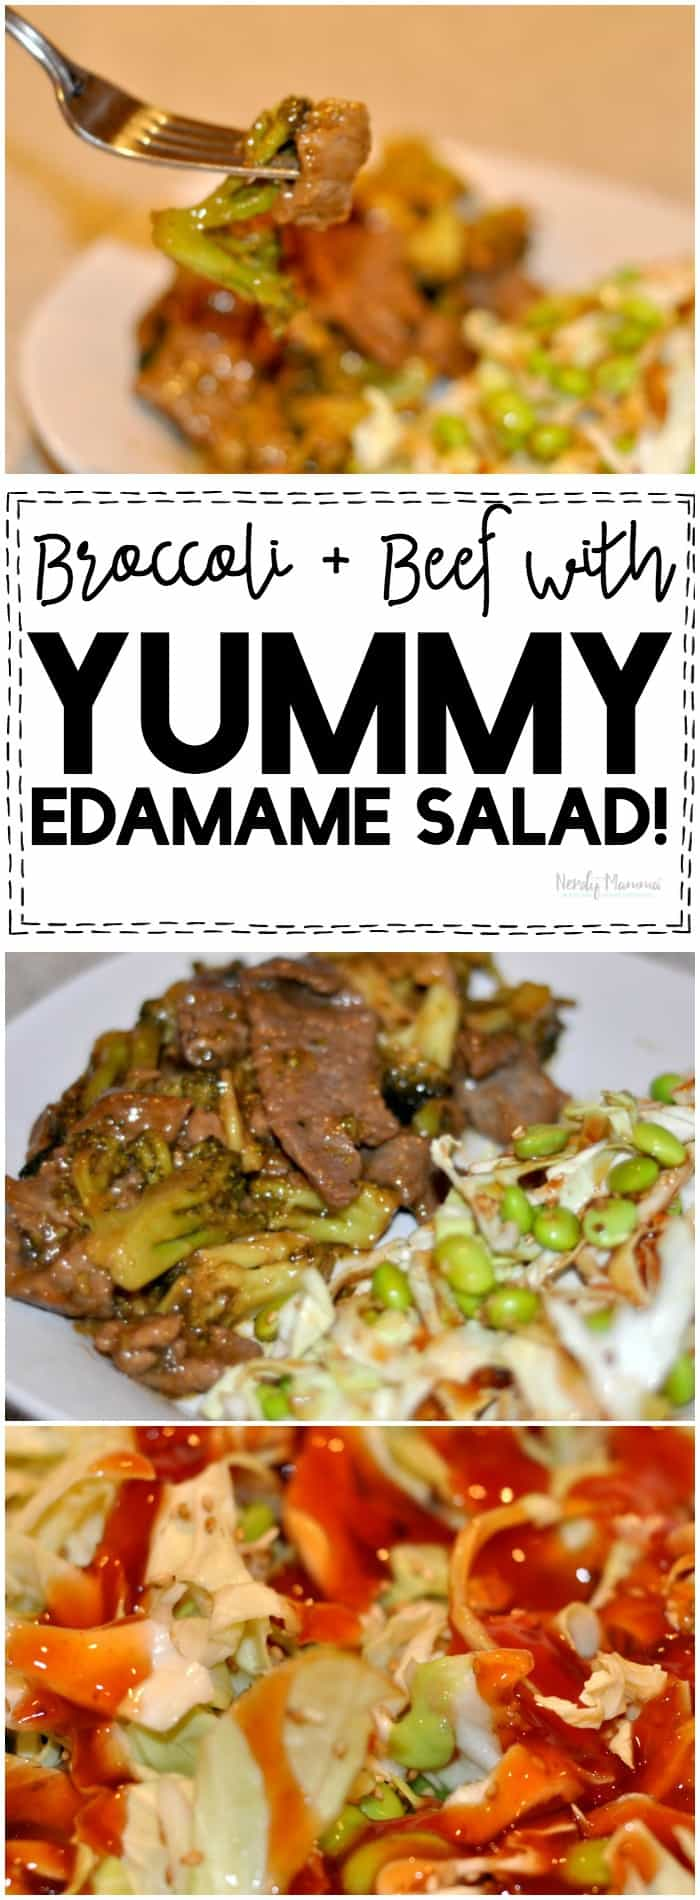 OMG, this beef with broccoli and yummy edamame salad is AMAZEBALLS!